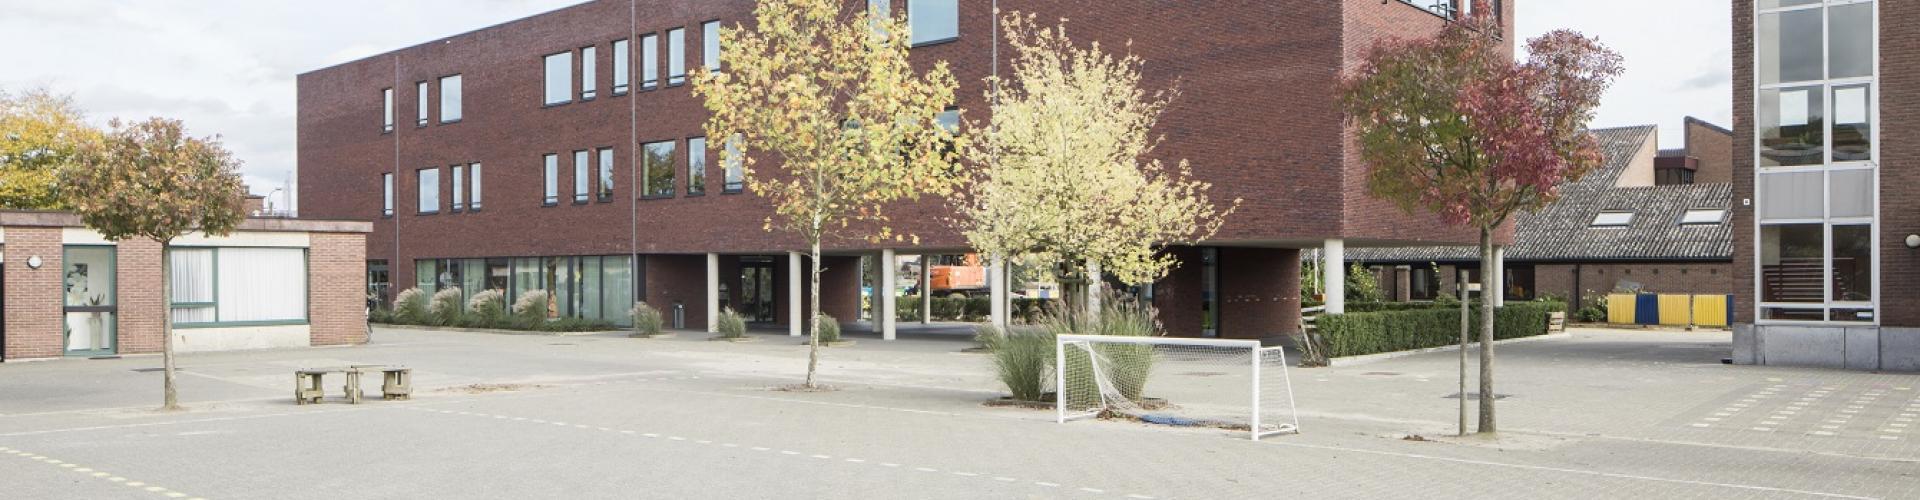 Sint-Jozefcollege Aarschot